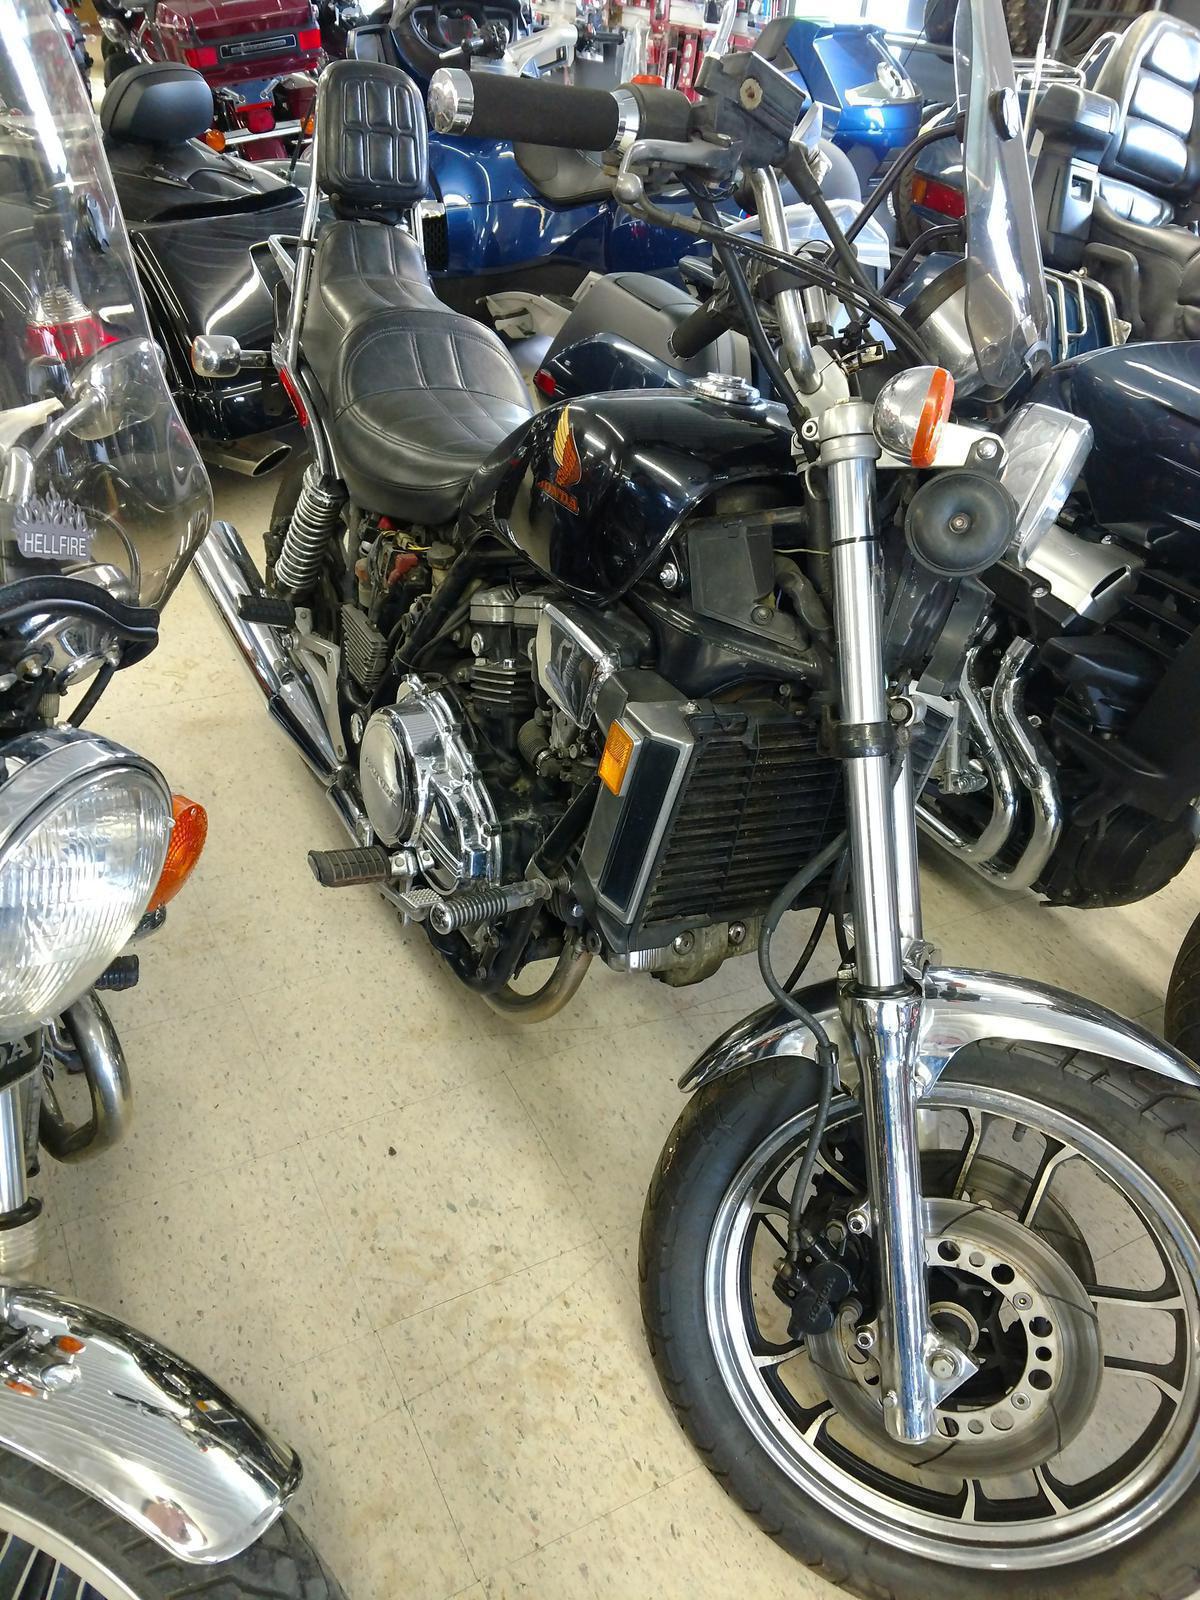 1984 Honda V65 Magna For Sale In Oblong, IL | Sparks U0026 Sons, Inc. (618)  592 4732